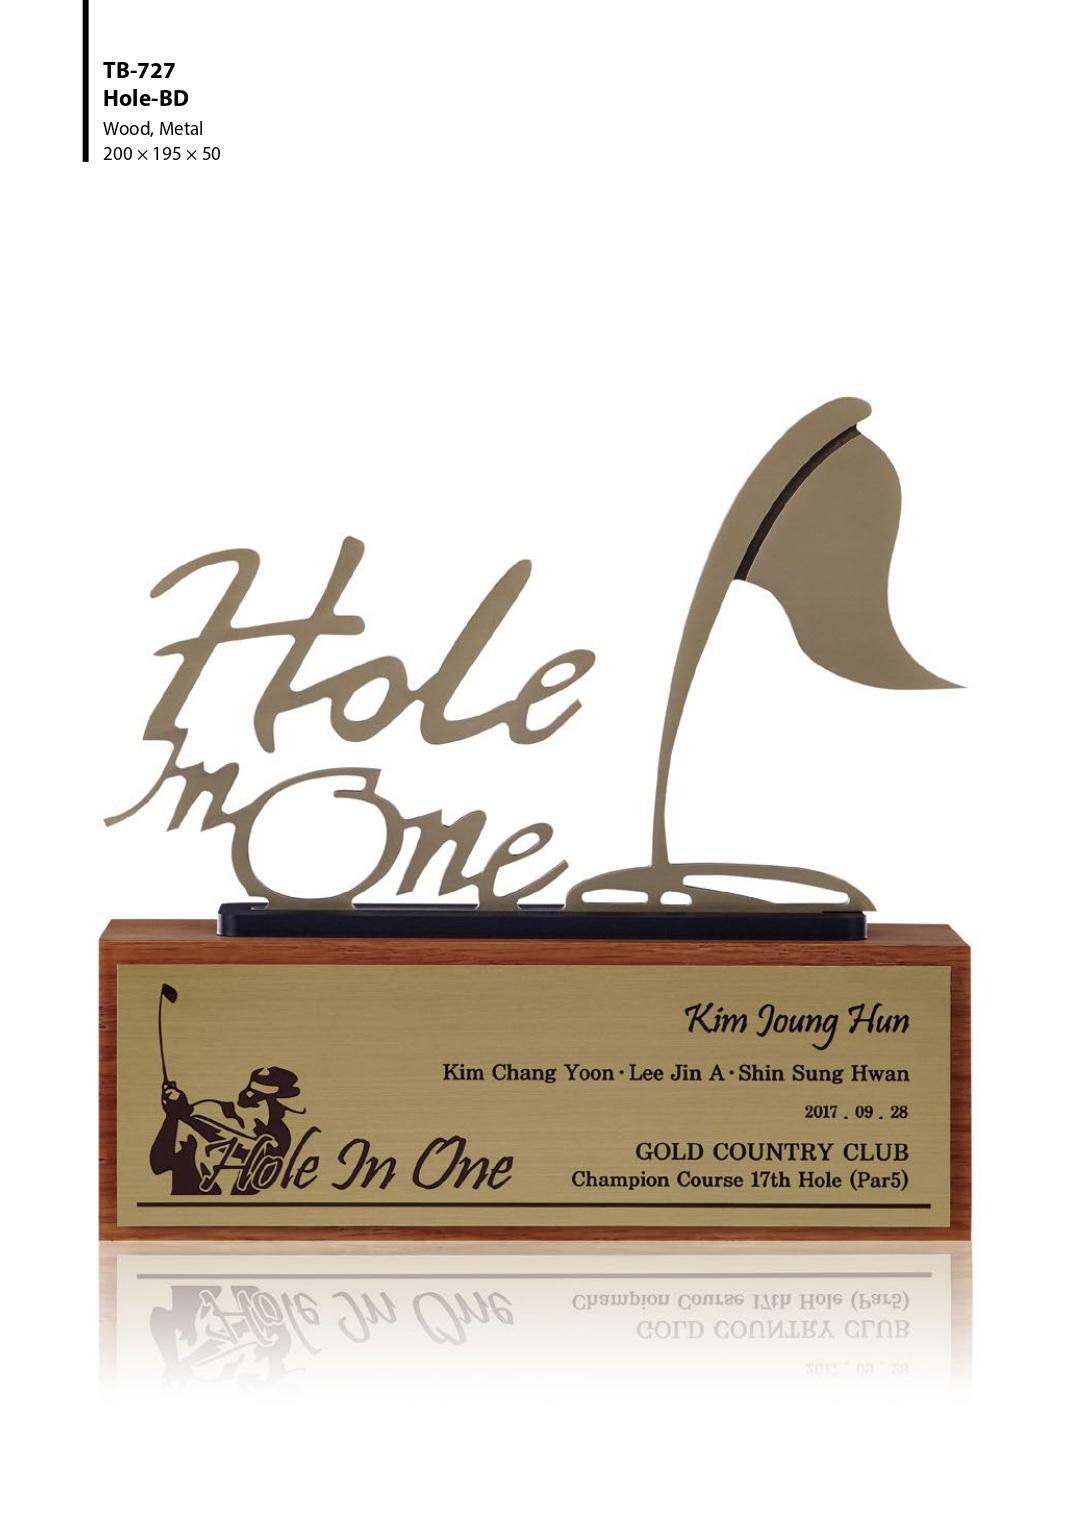 KLPK45027 Hole-BD 홀인원패 골프트로피 상패 트로피 판촉물 제작 케이엘피코리아